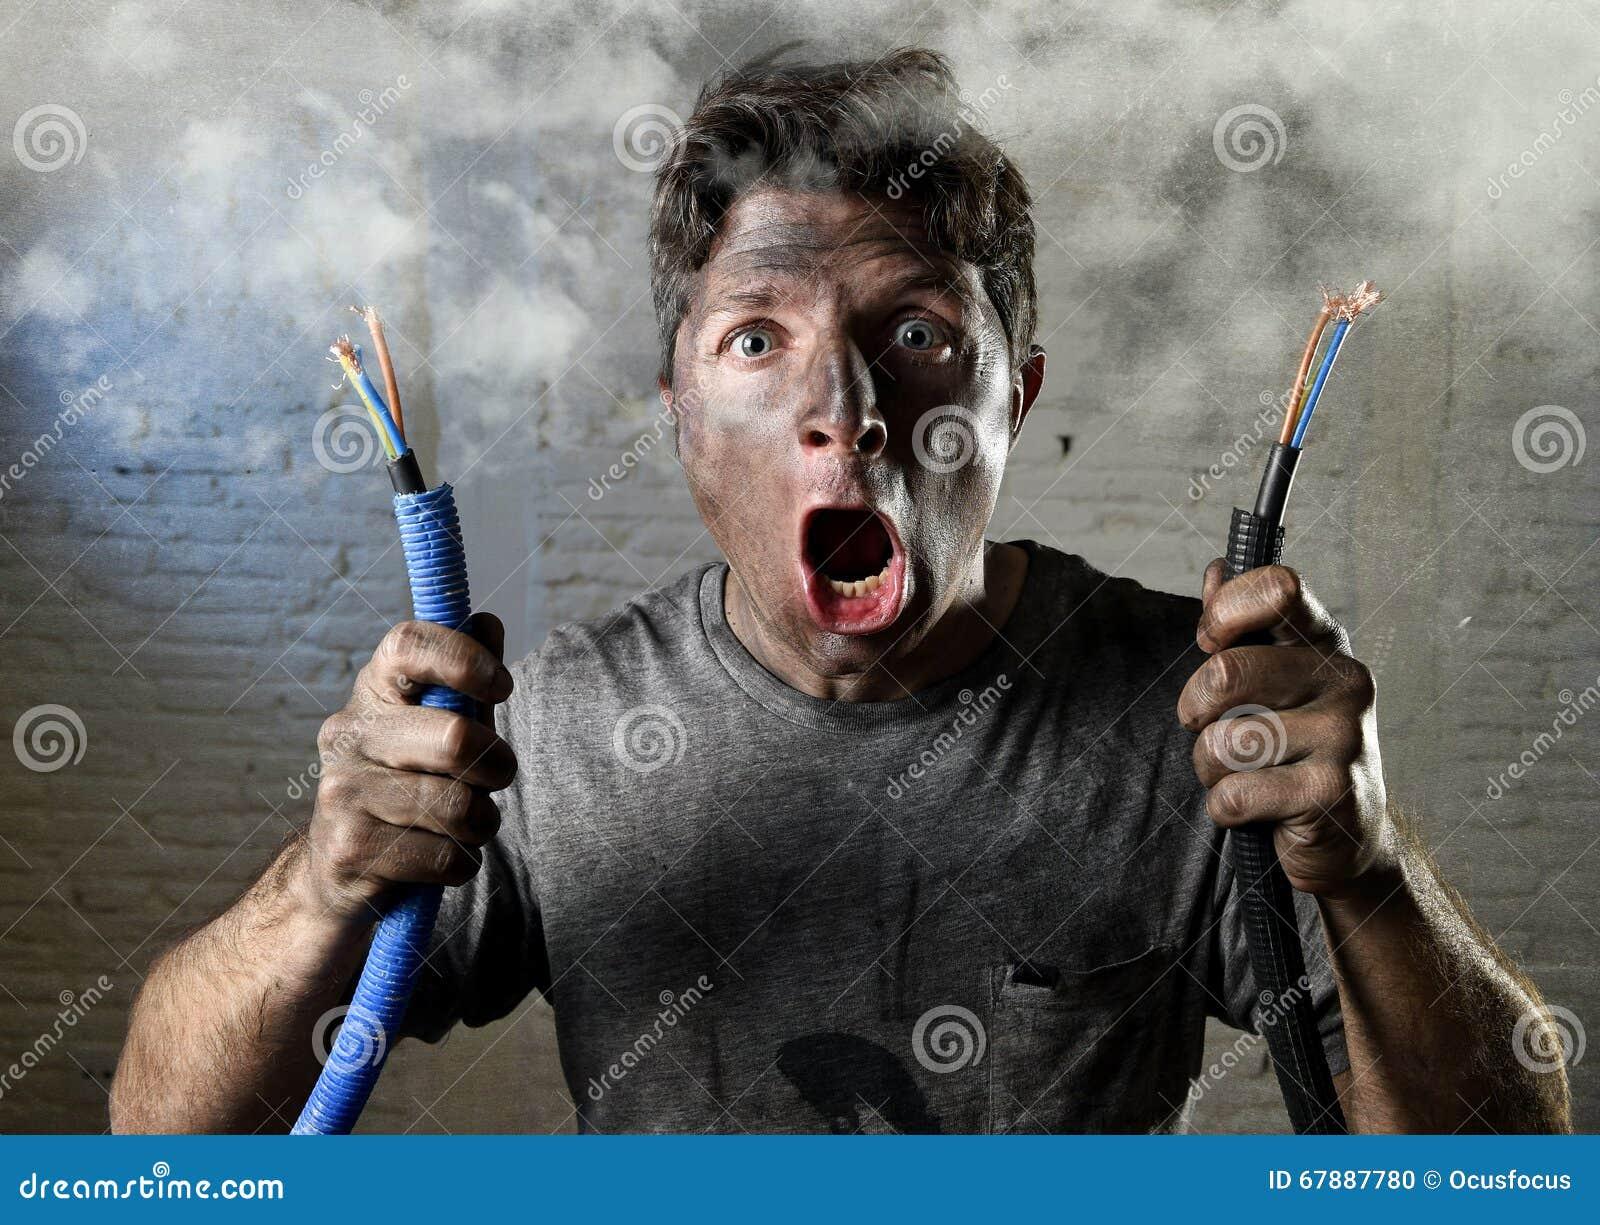 Icke-utbildad man som sammanfogar elektrisk kabel som lider elektrisk olycka med den smutsiga brända framsidan i roligt chockuttr